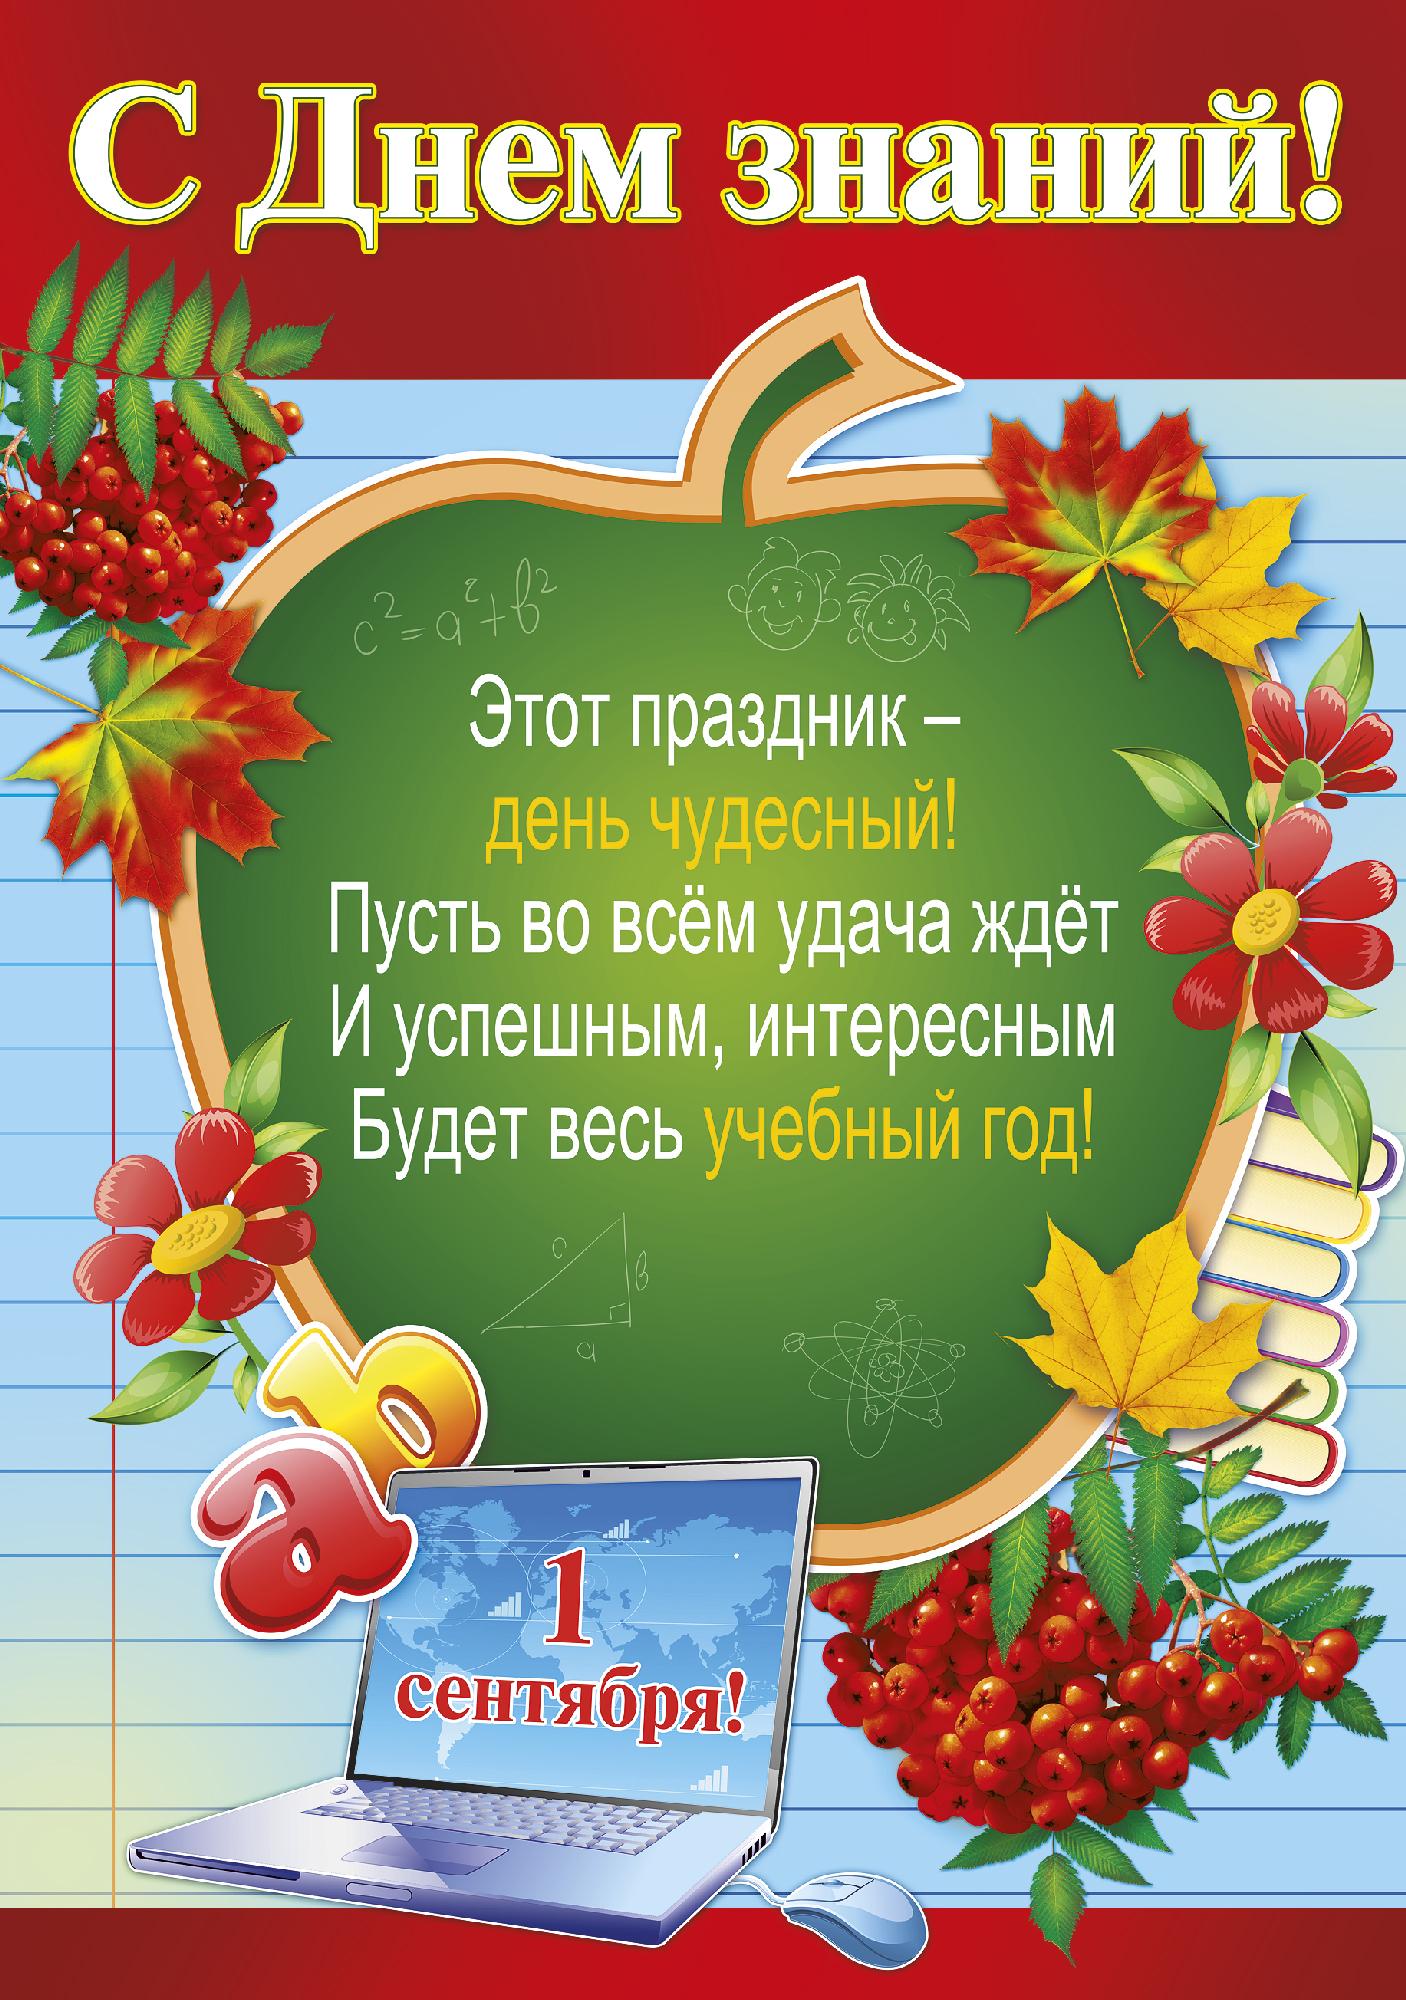 Поздравление в прозе с днем знаний в детском саду